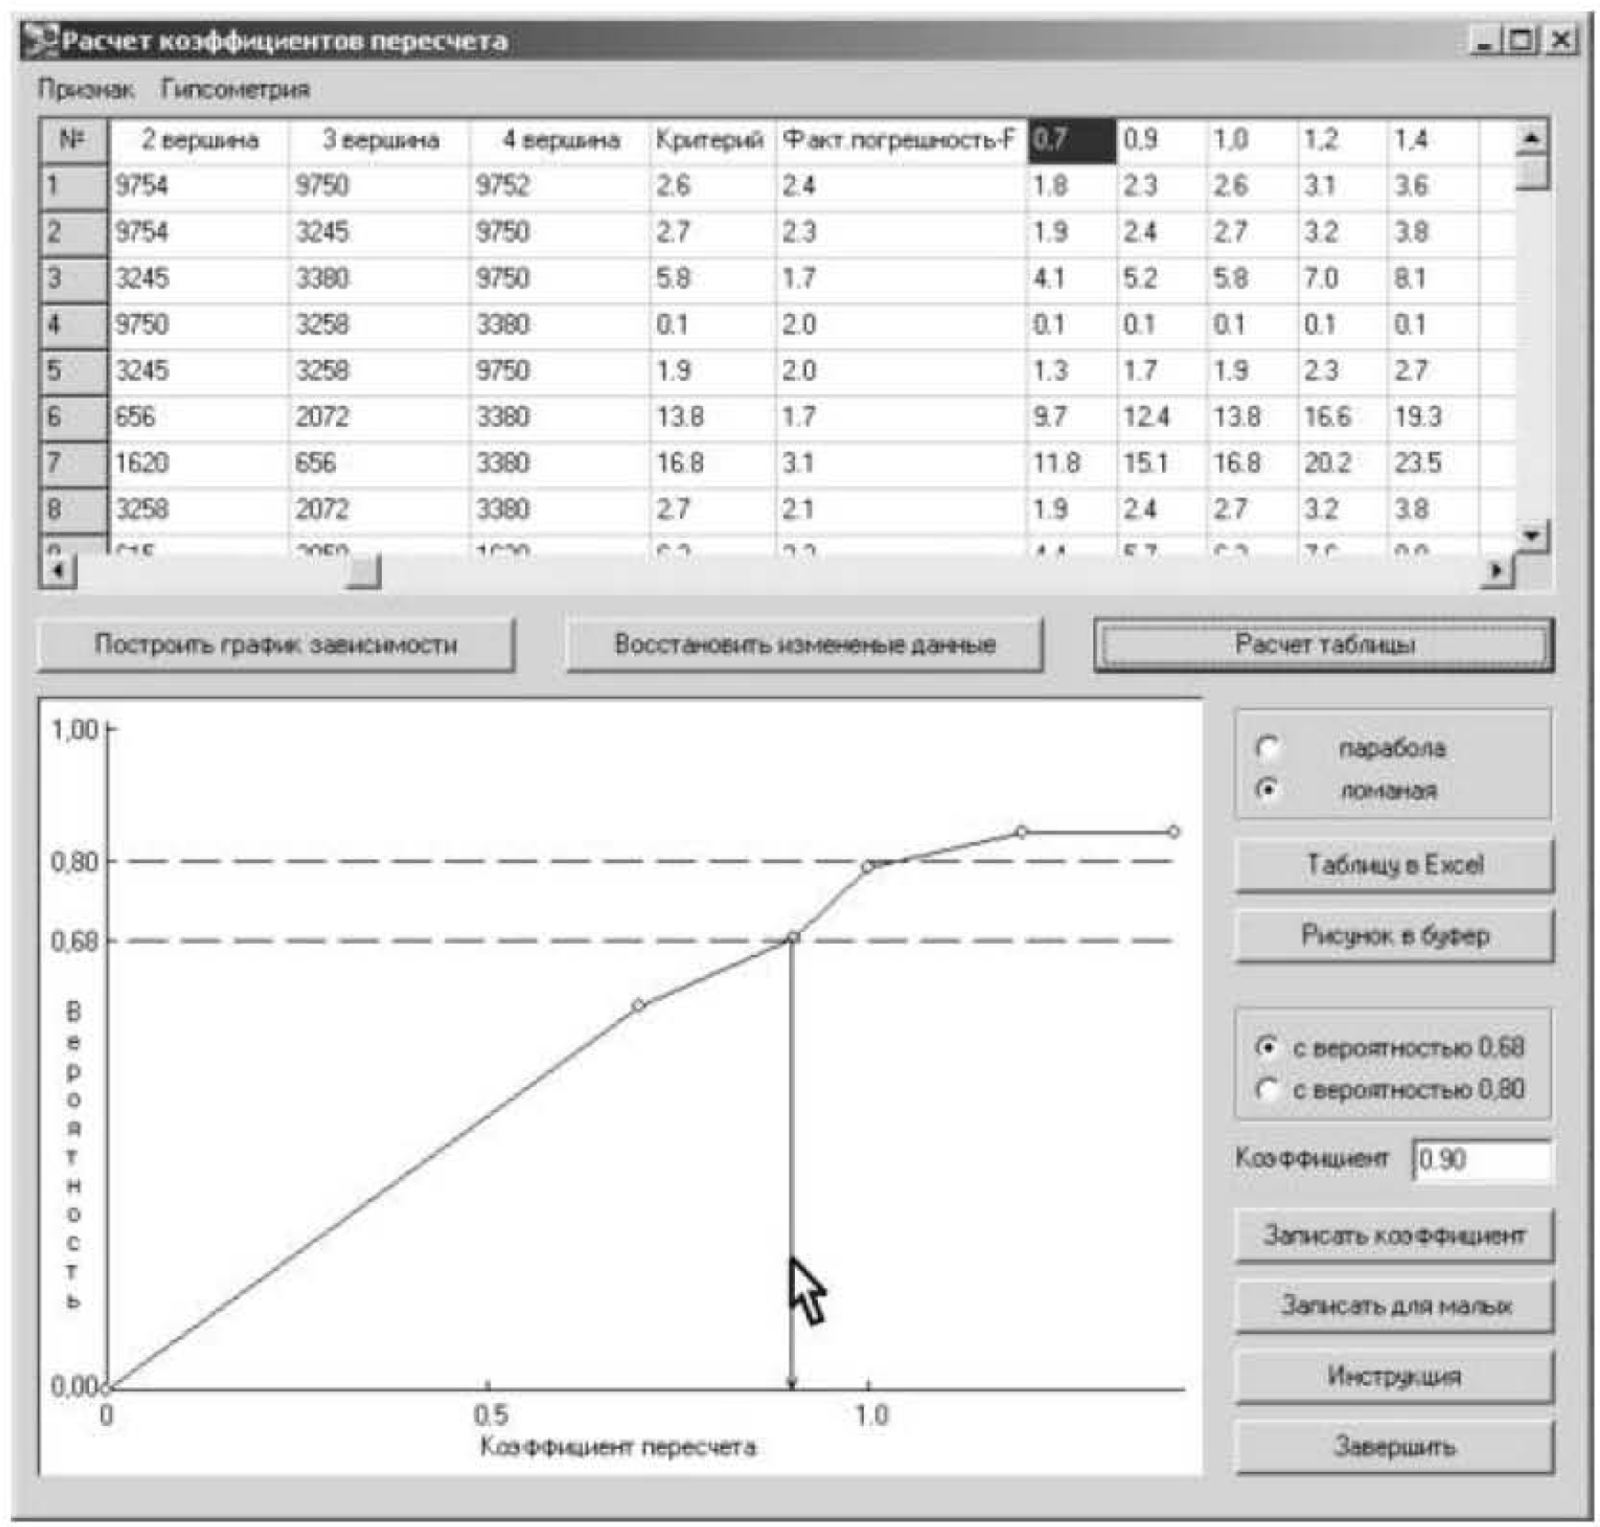 Рисунок 6 – Панель подрежима «Расчет коэффициентов пересчета» при установлении величины коэффициентов пересчета критериев в погрешности